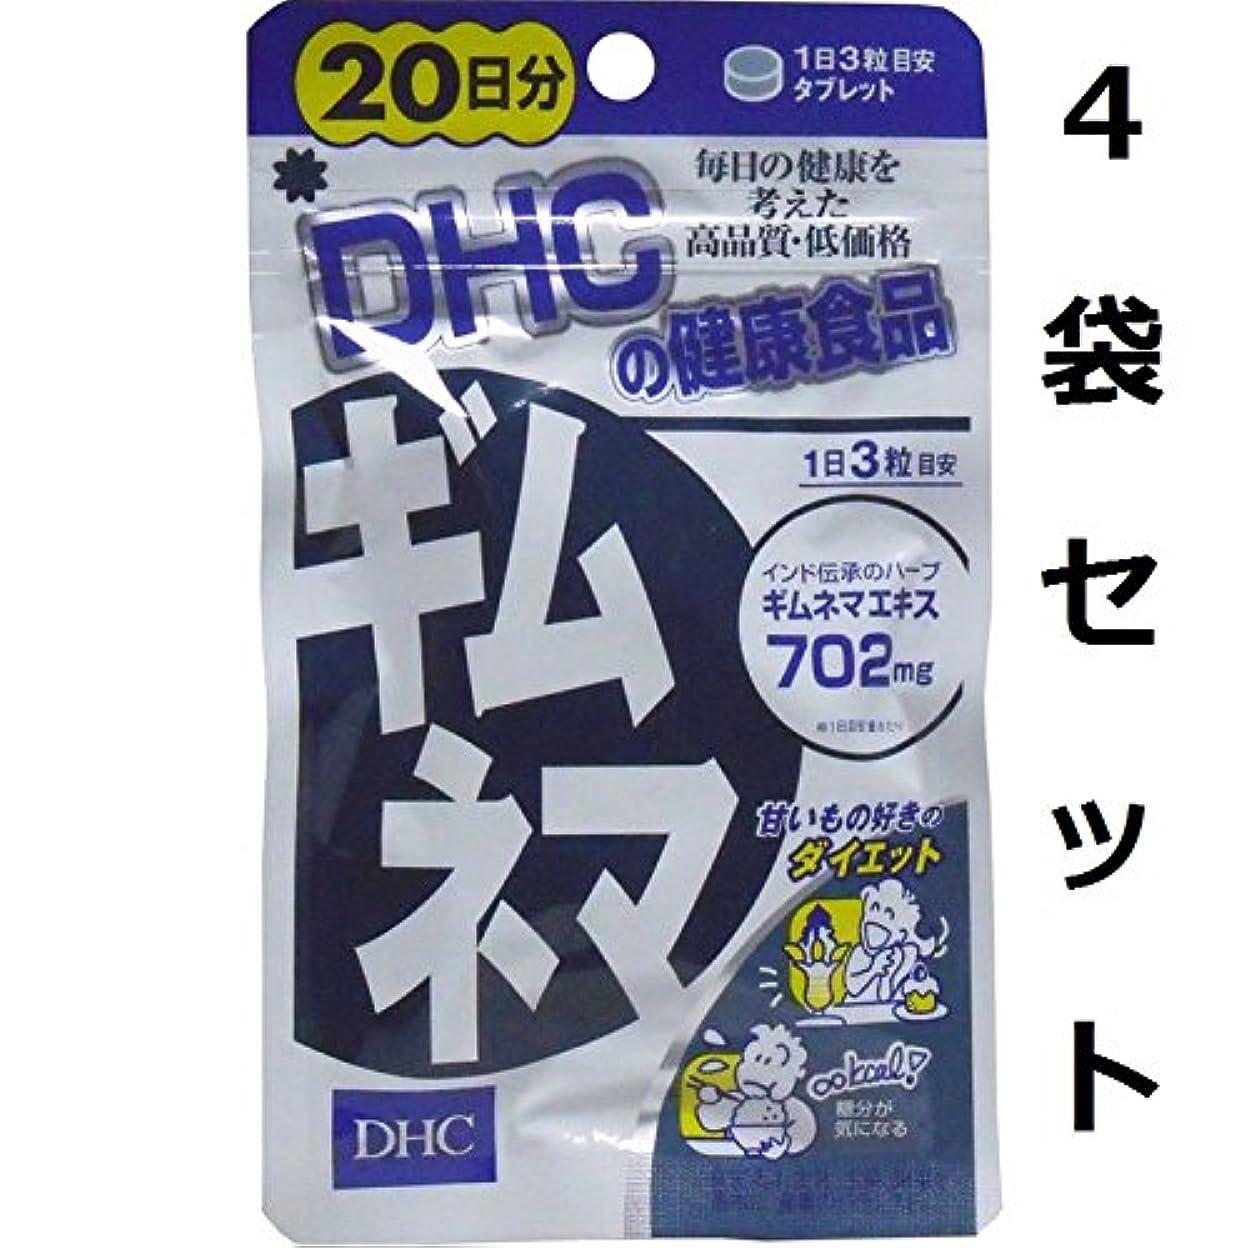 大好きな「甘いもの」をムダ肉にしない DHC ギムネマ 20日分 60粒 4袋セット